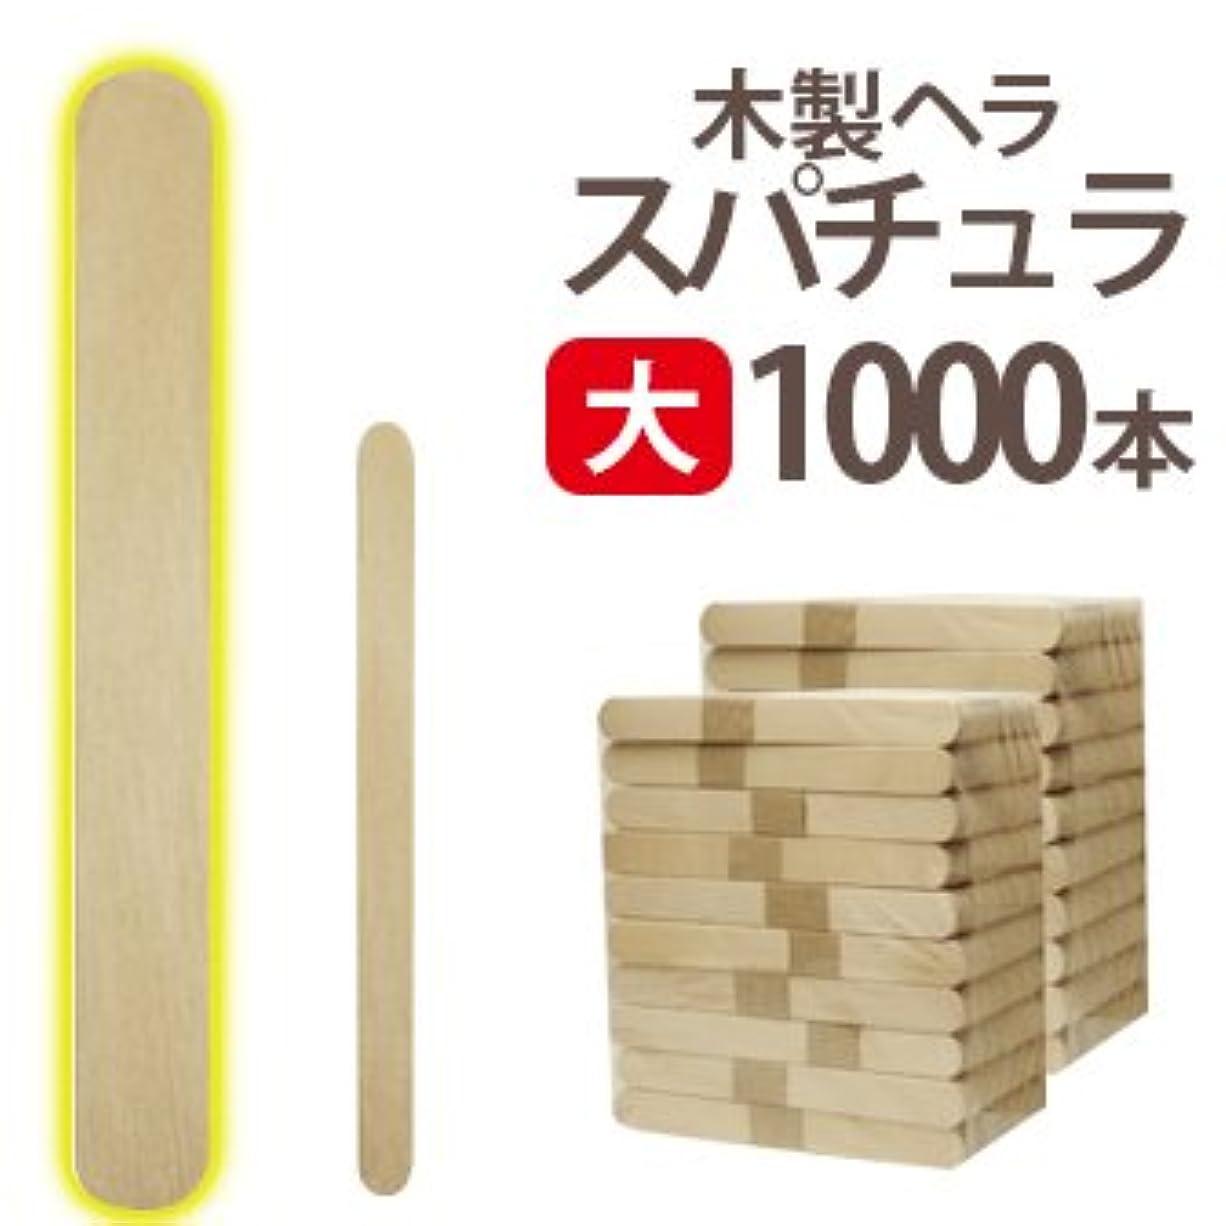 びっくりした騒習慣大 ブラジリアンワックス 業務用1000本 スパチュラ Aタイプ(個別梱包なし 150×16)